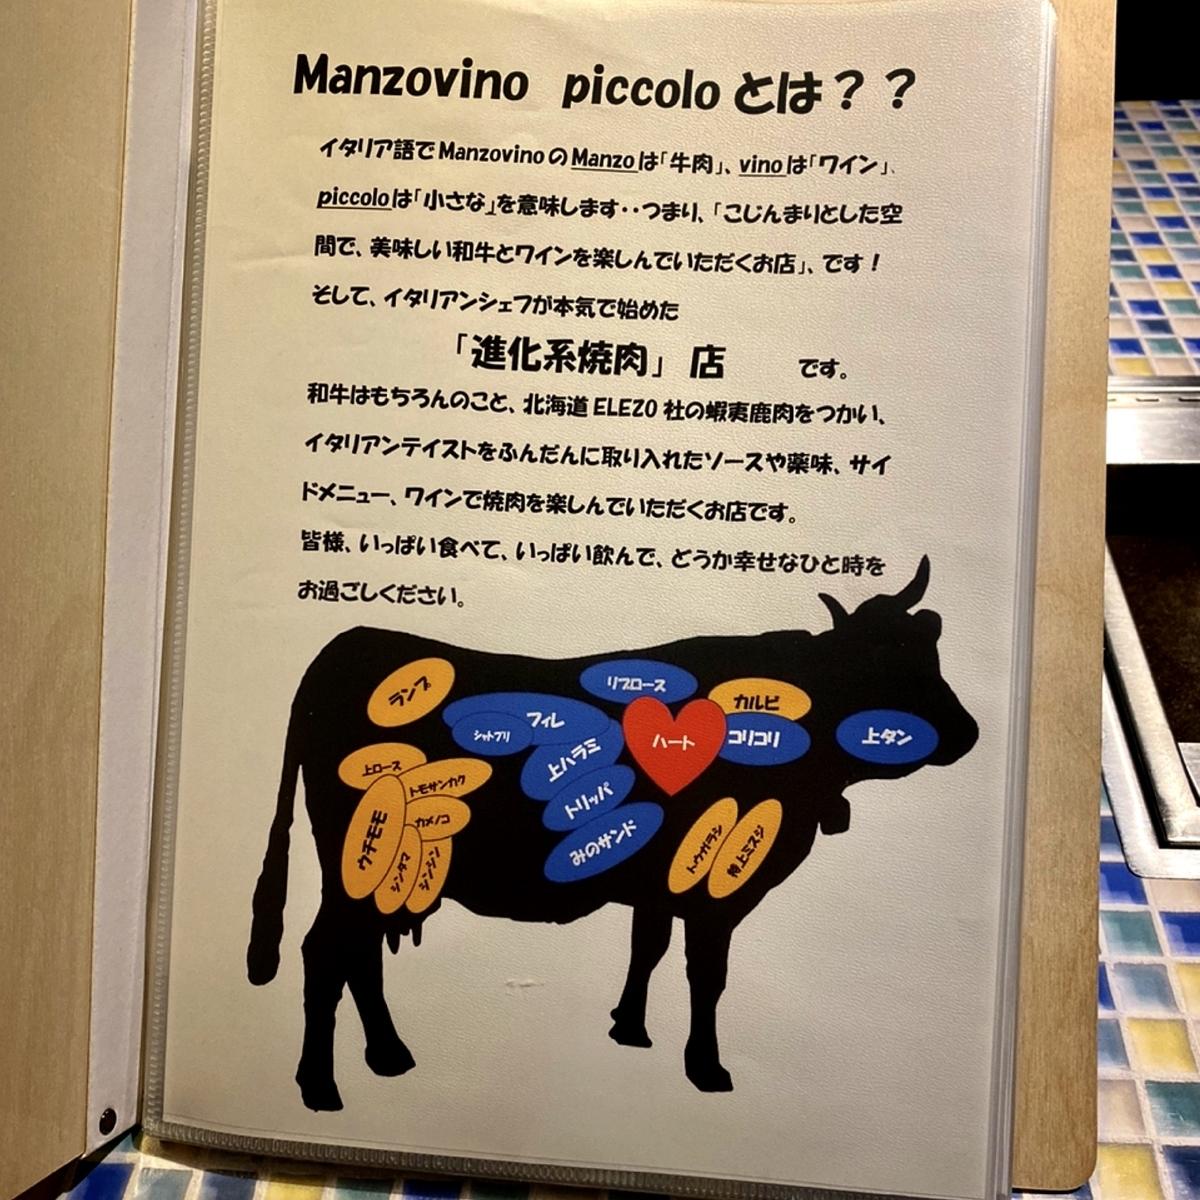 「マンツォヴィーノ ピッコロ」のメニューと値段